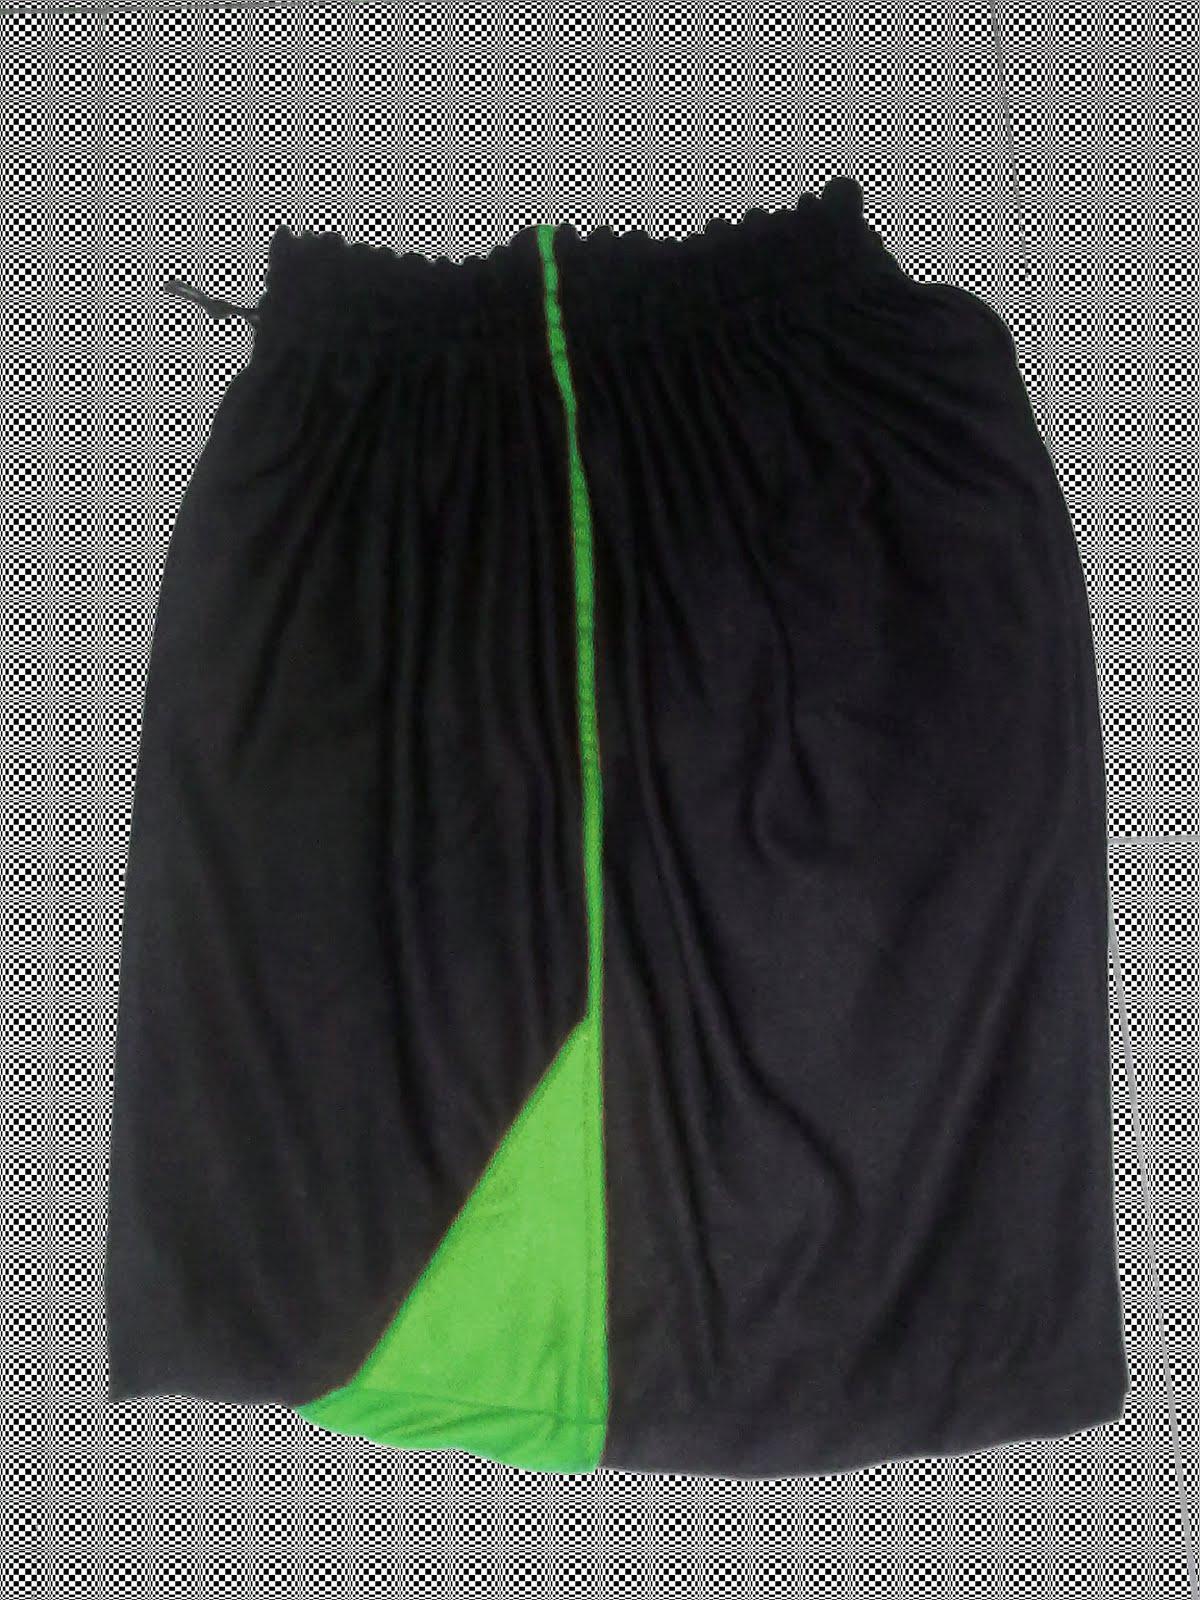 Ukuran Pakaian